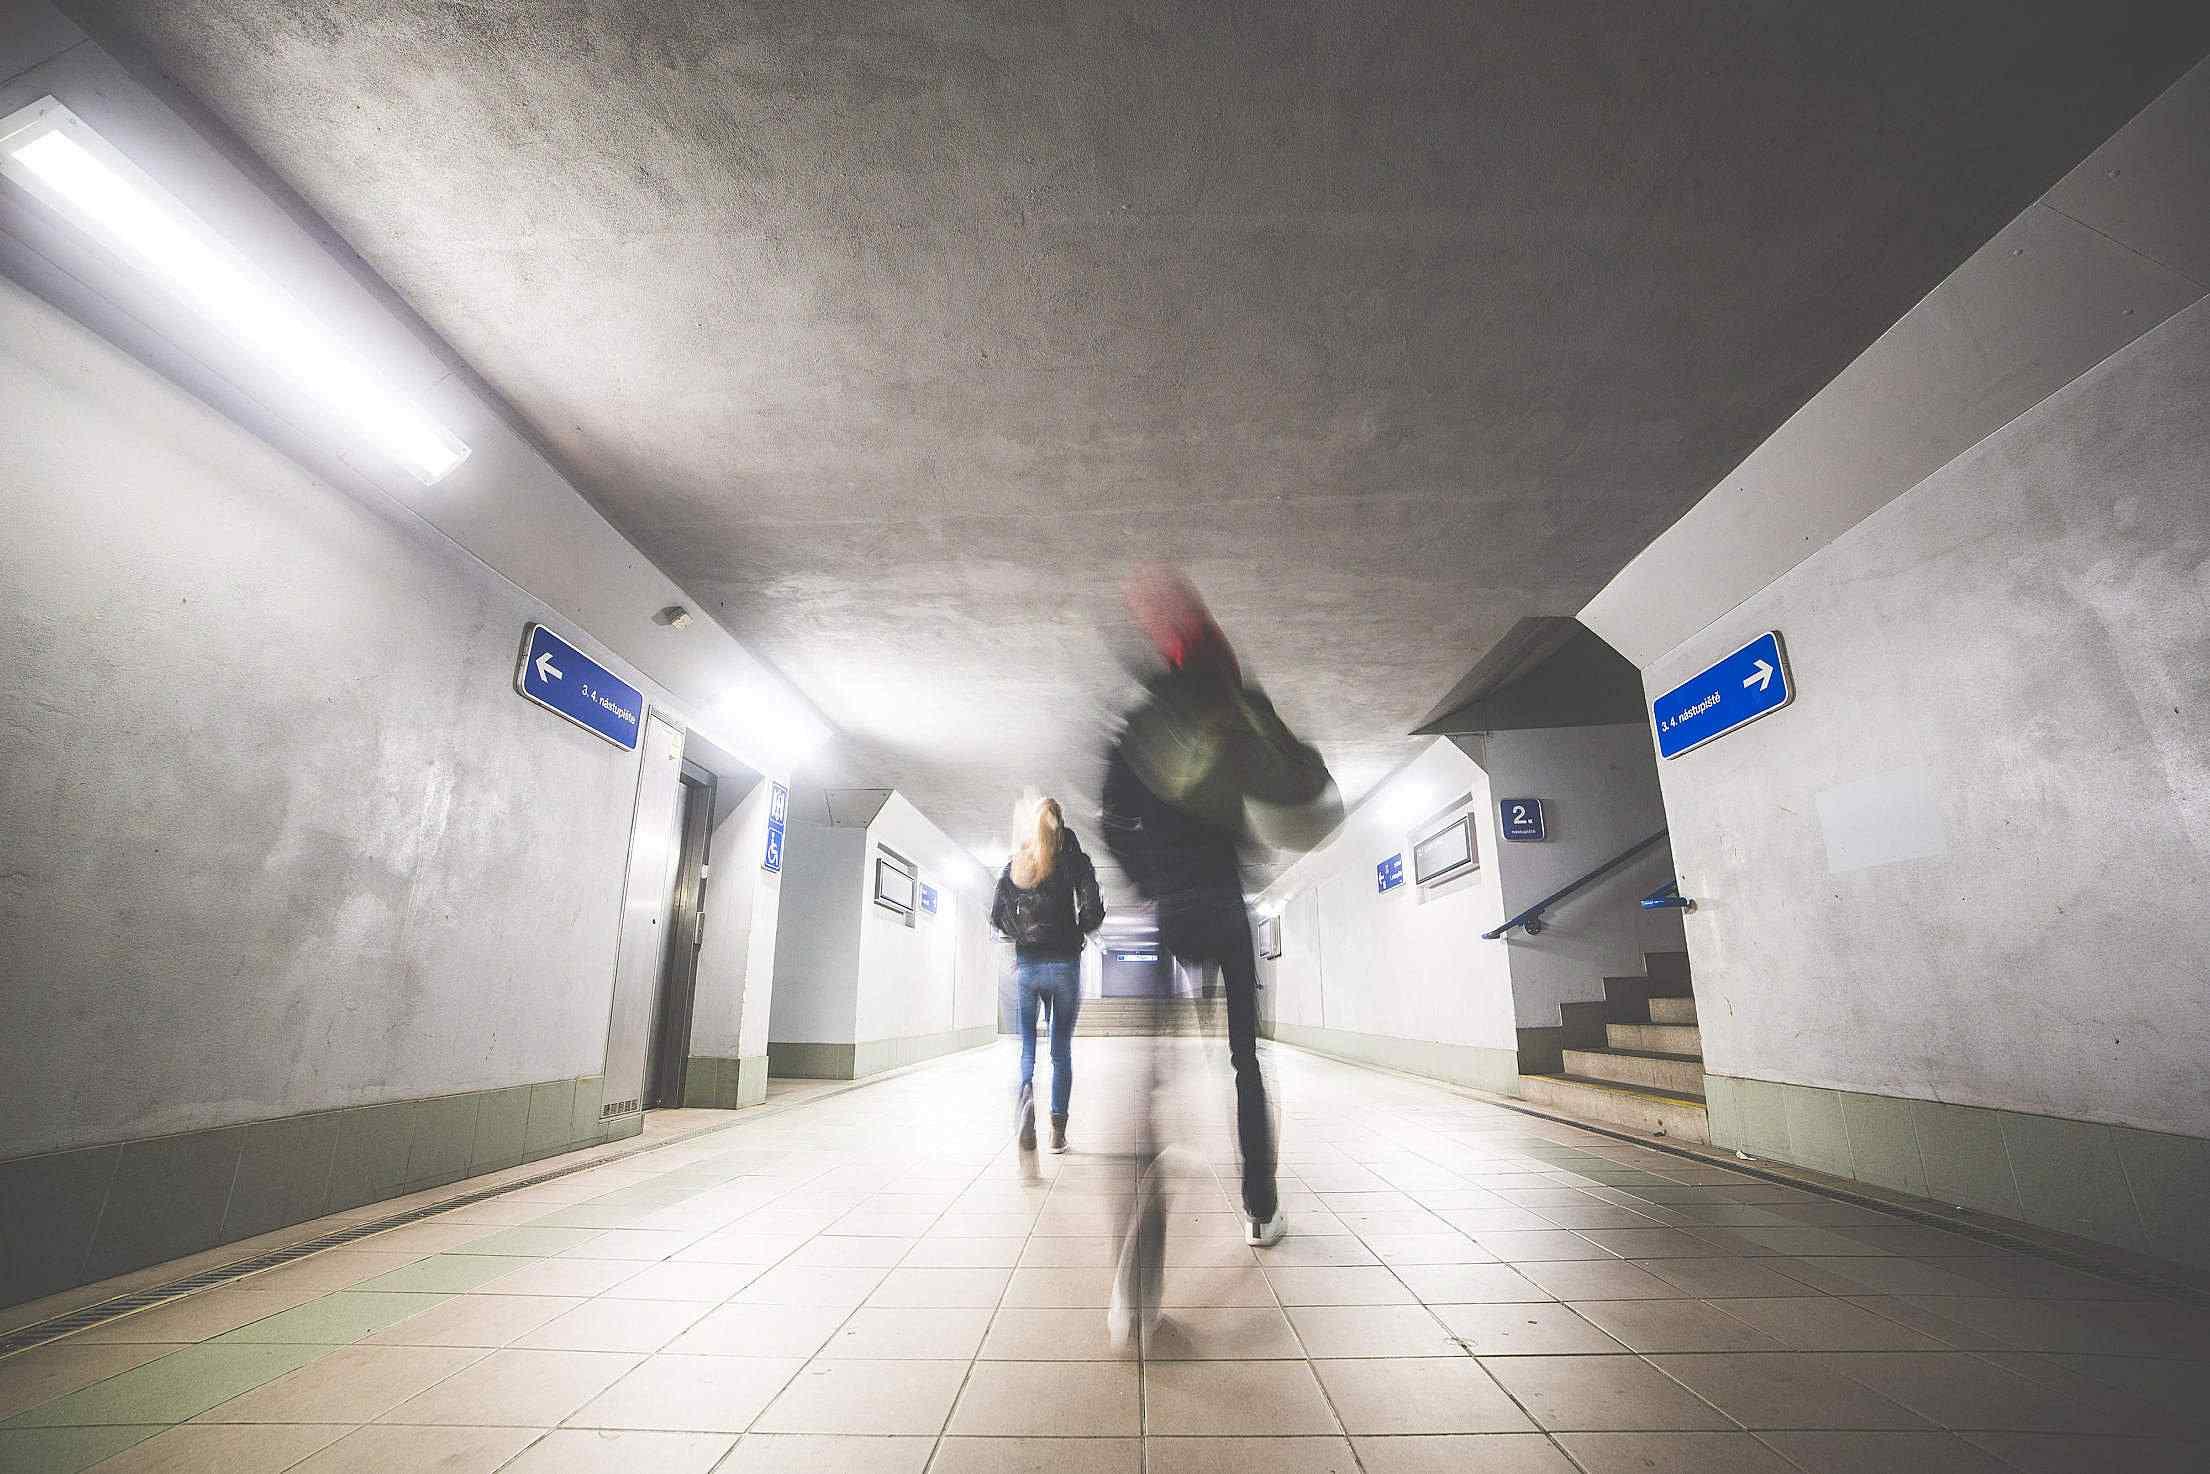 1. 在地鐵月台可以看到列車現在在哪一站,而且只要交通卡在手,所有路線都可以使用。